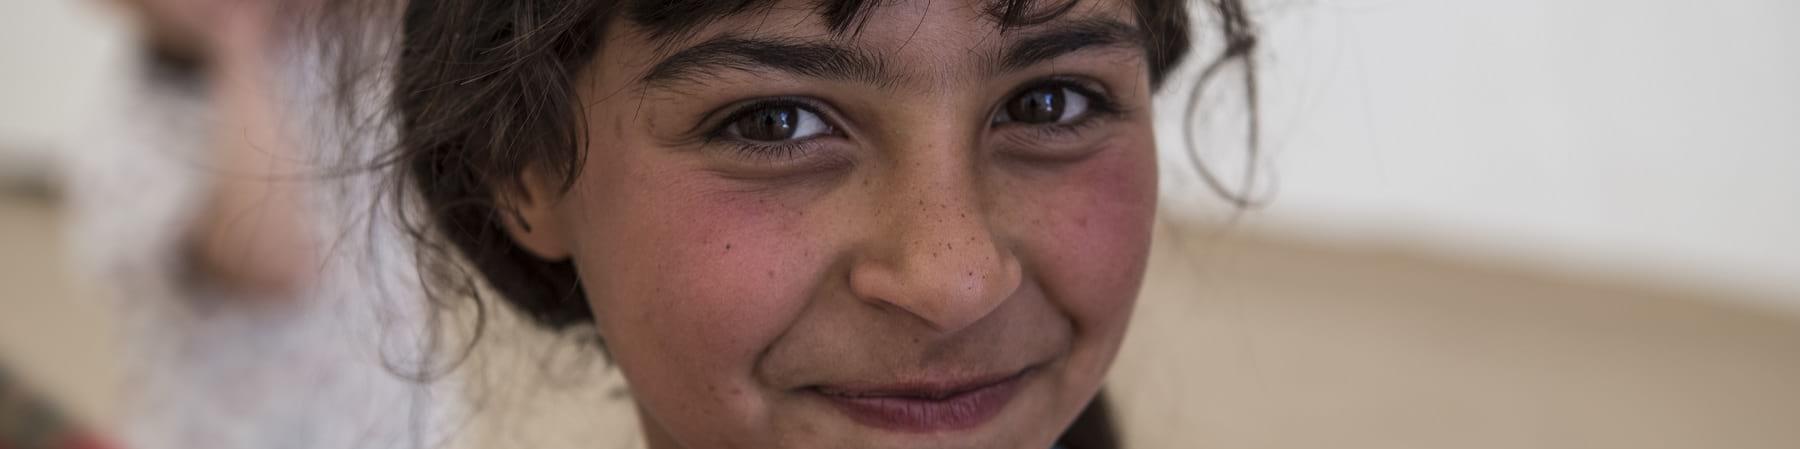 Primo pano di bambina bionda con capelli biondi legati e sguardo sorridente